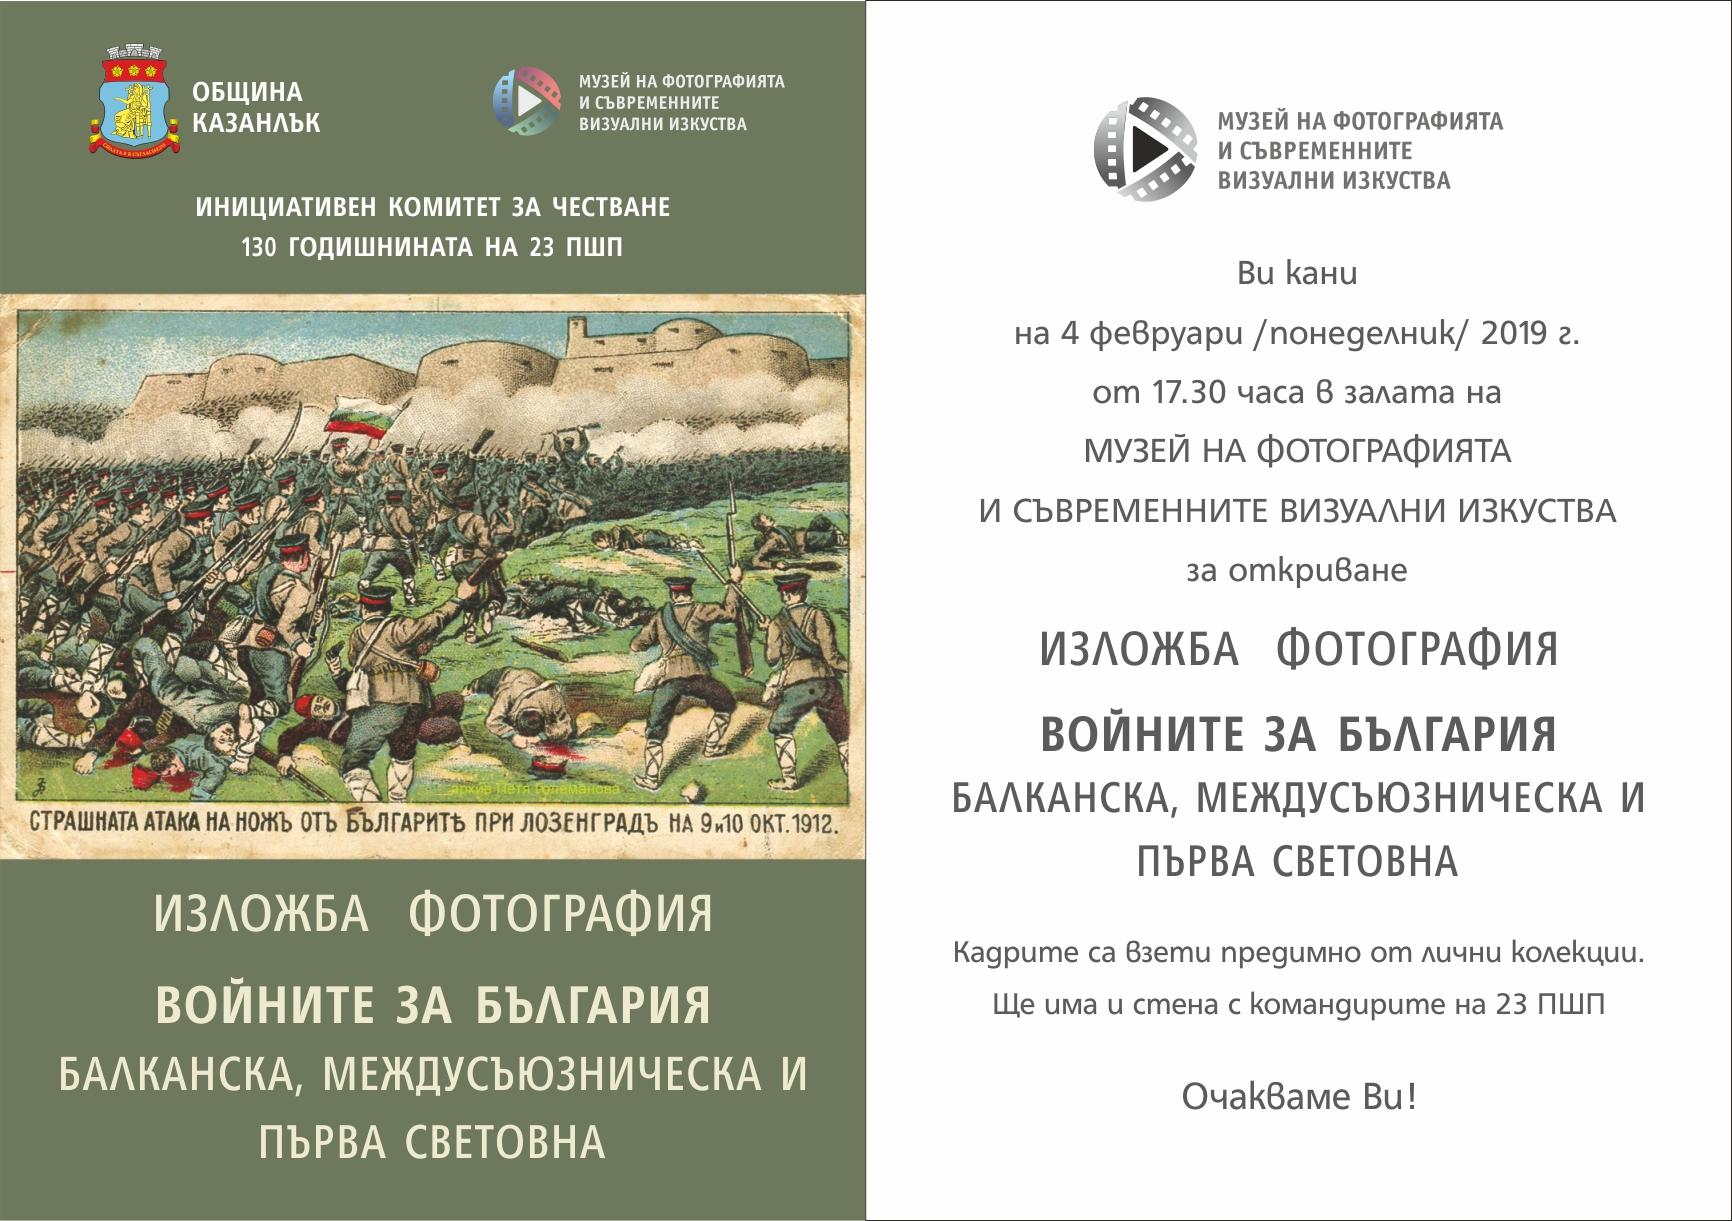 Войните за Българи